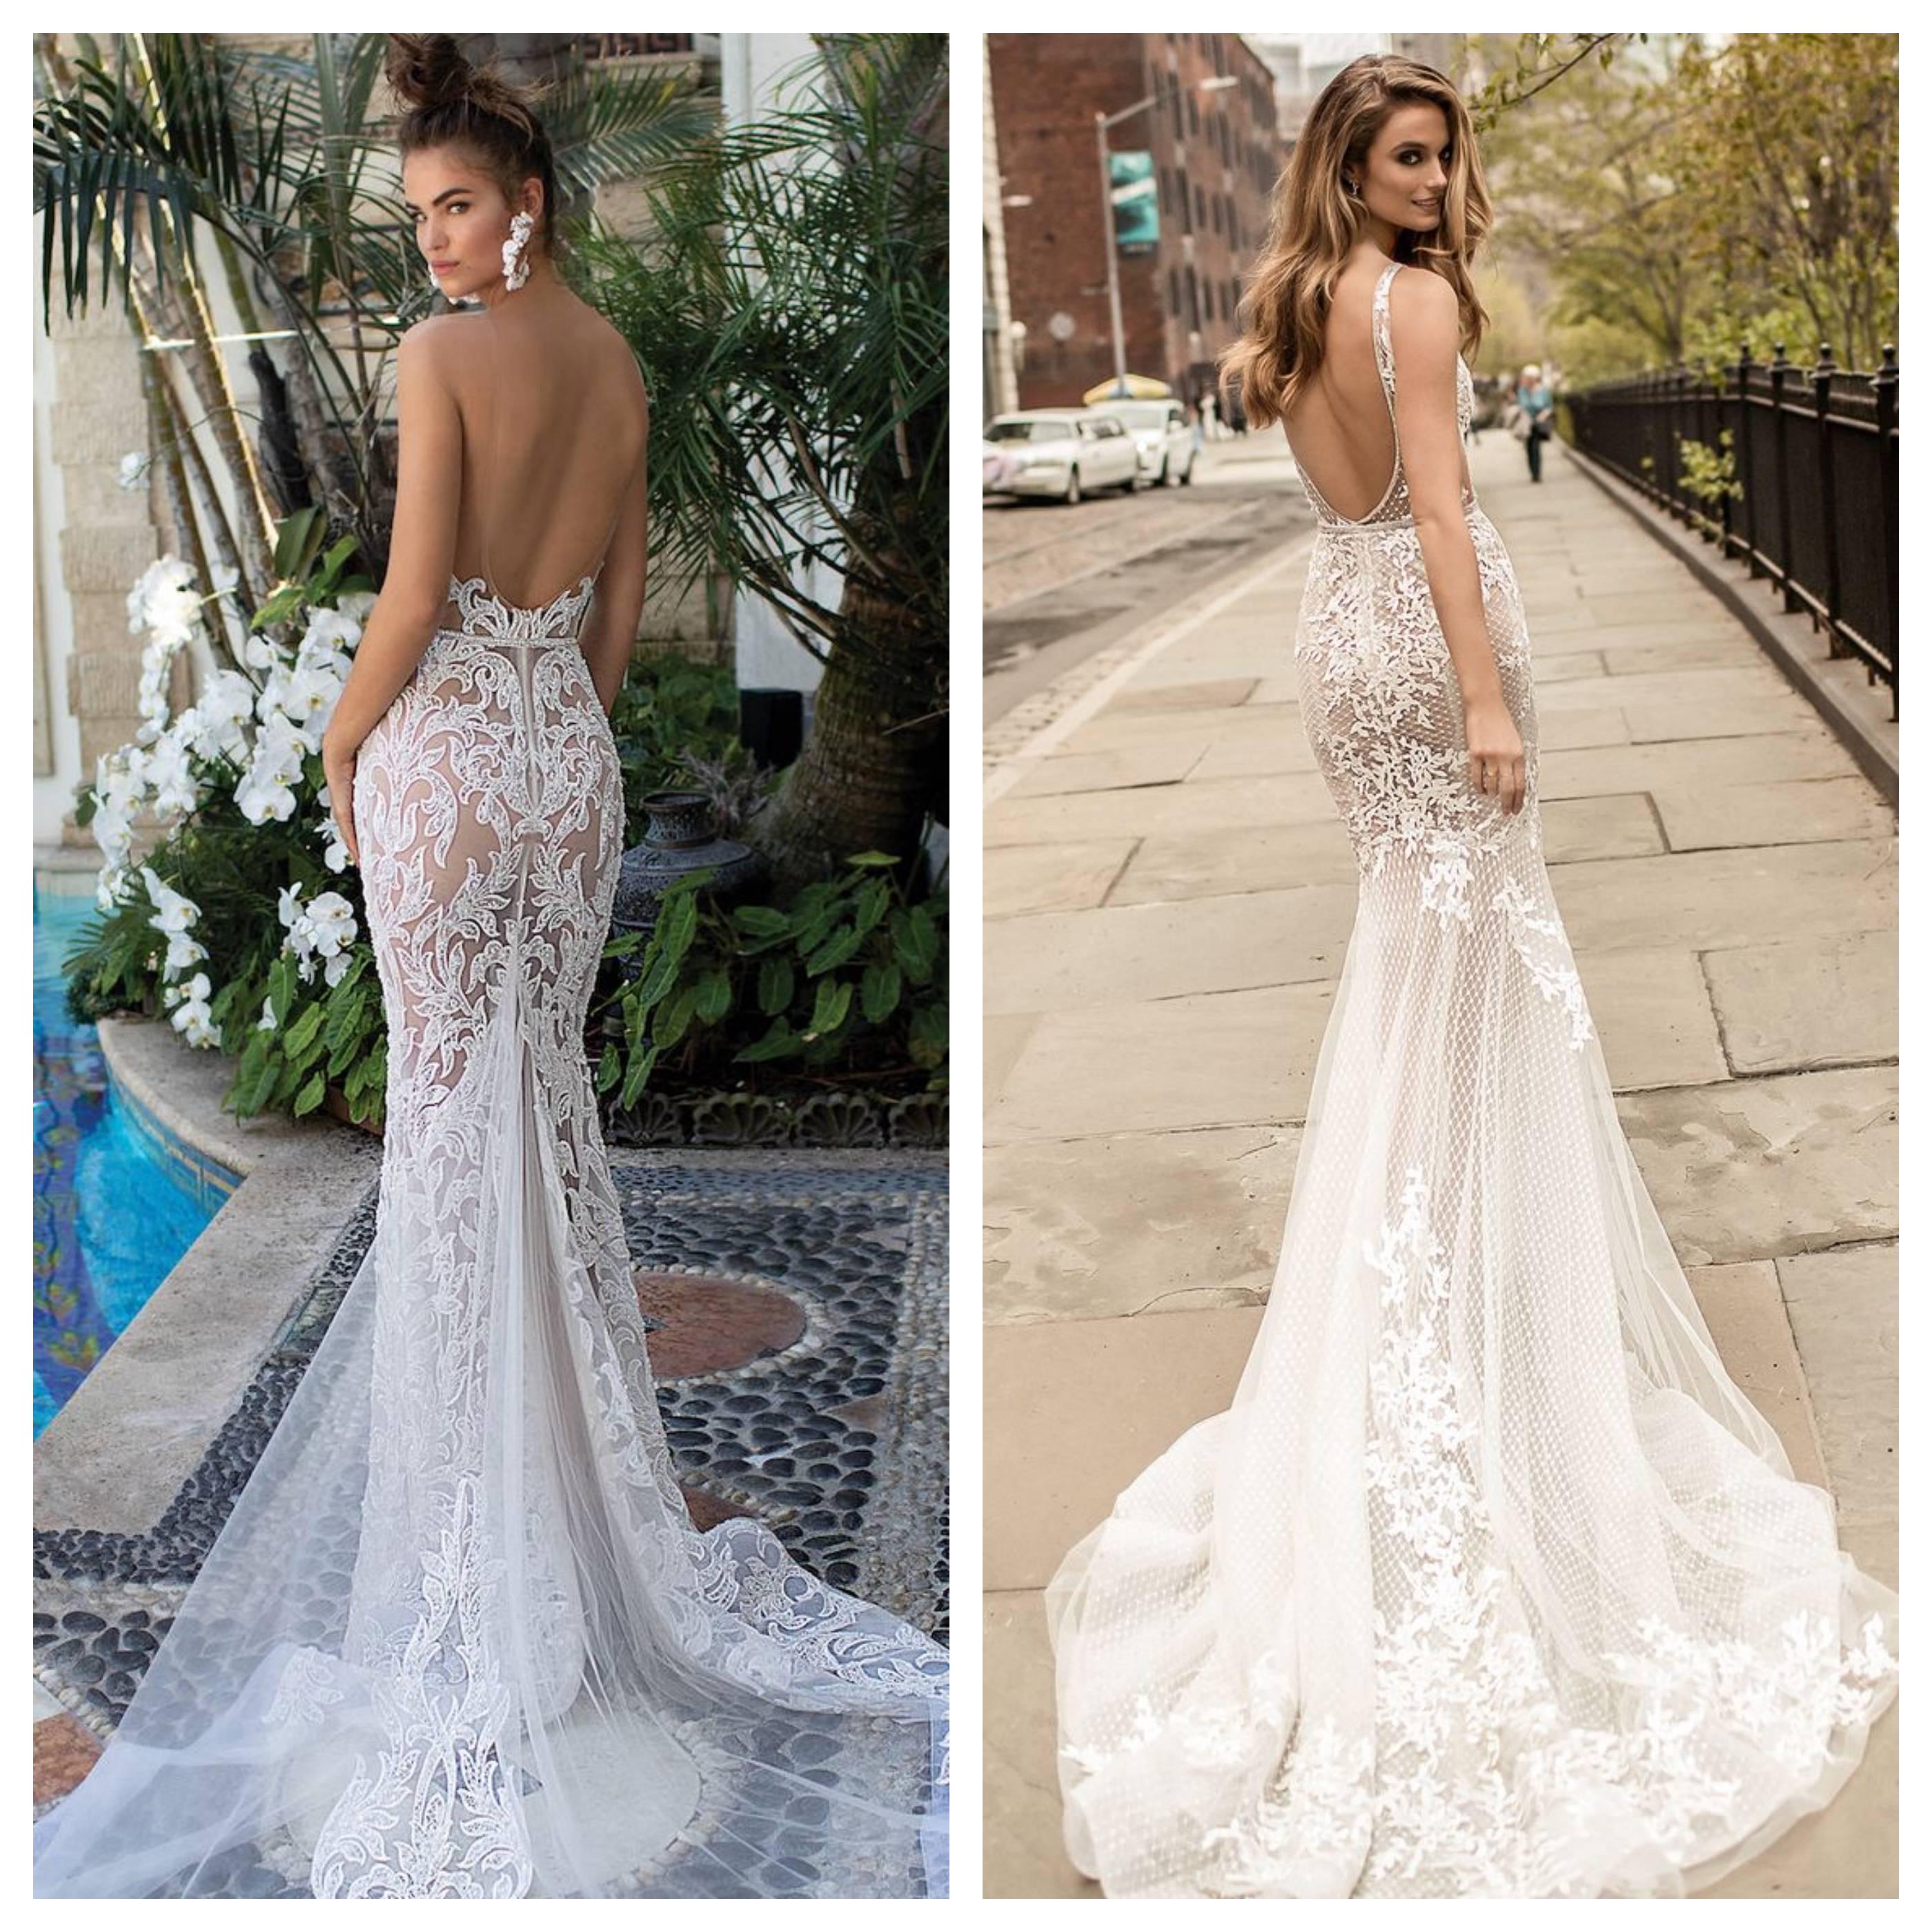 Как постирать свадебное платье в домашних условиях  в стиральной машинке и вручную